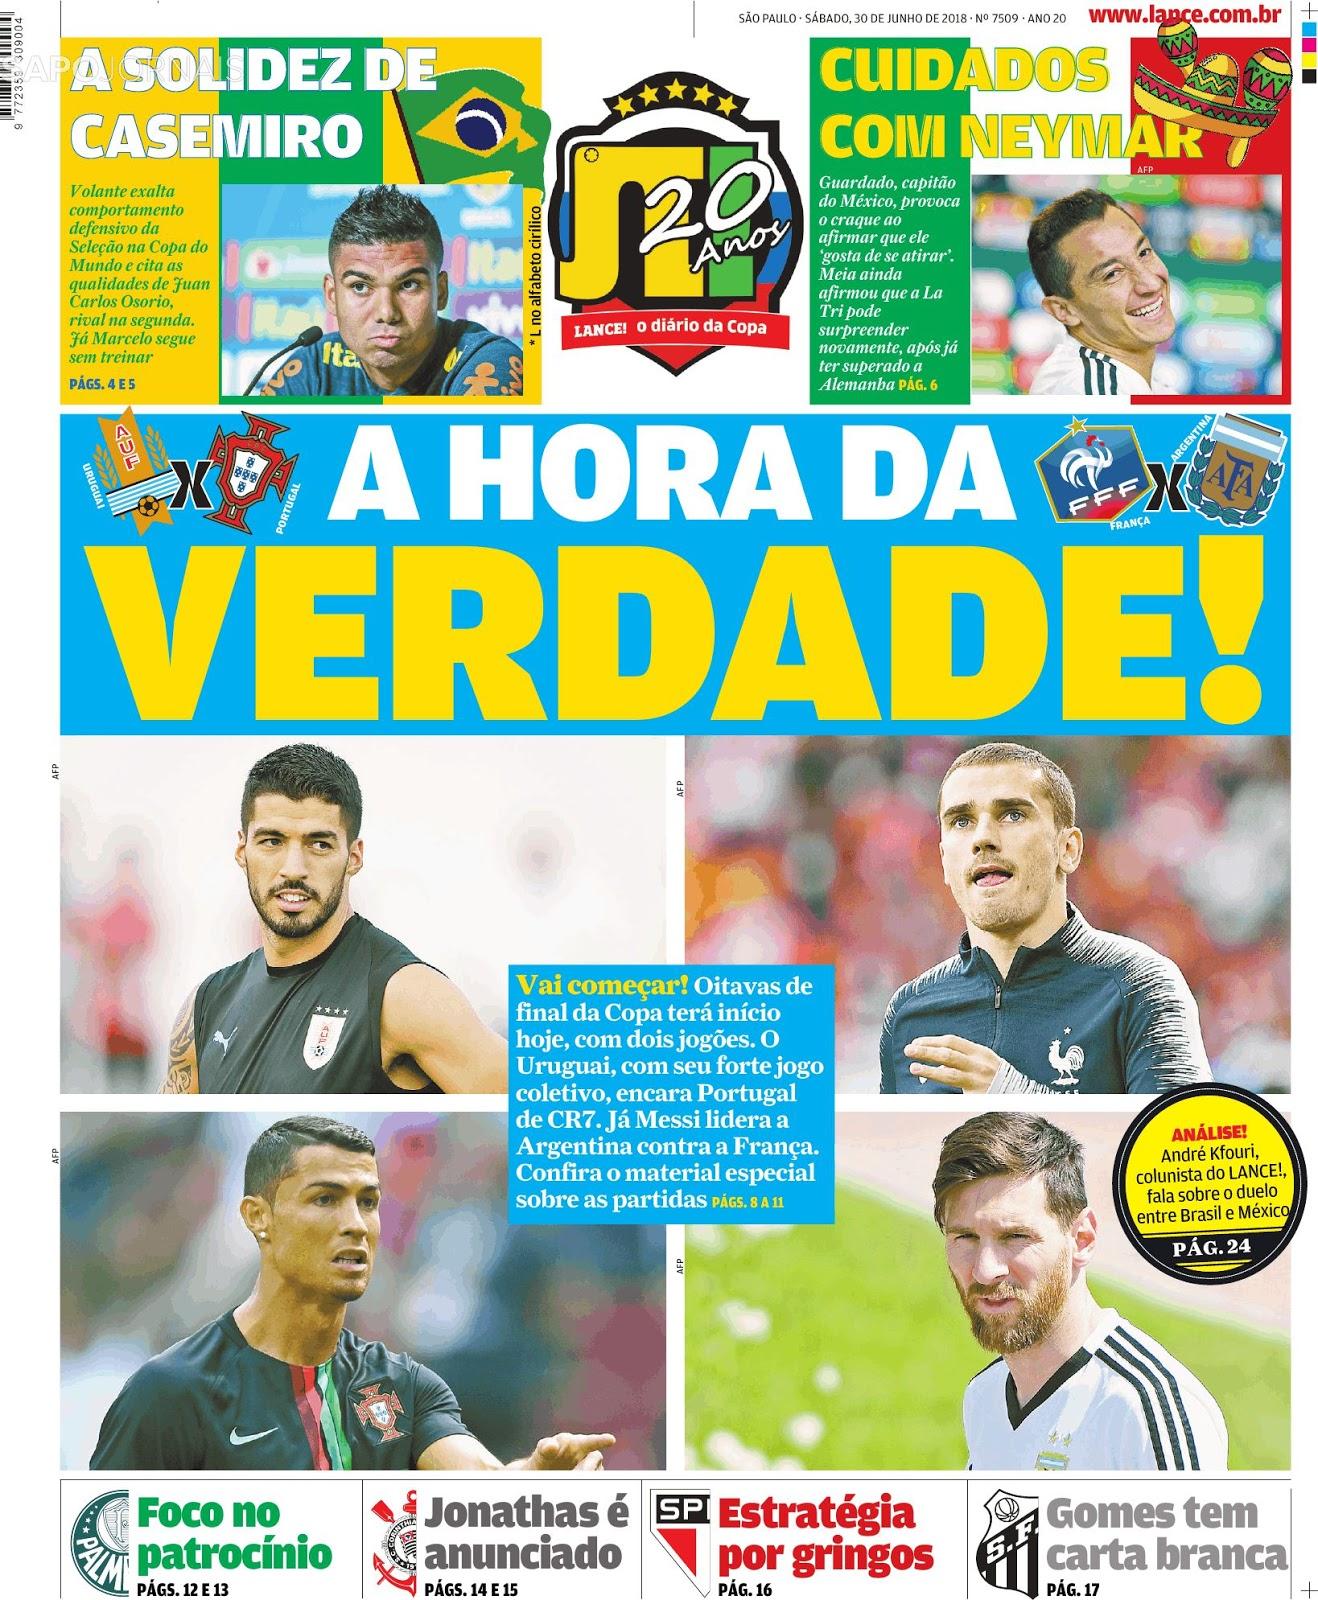 Seleção Brasileira volta a treinar  Danilo se junta ao grupo - Números  indicam evolução da equipe na fase de grupos- Entrevistas com Casemiro e ... 5b67952244d38